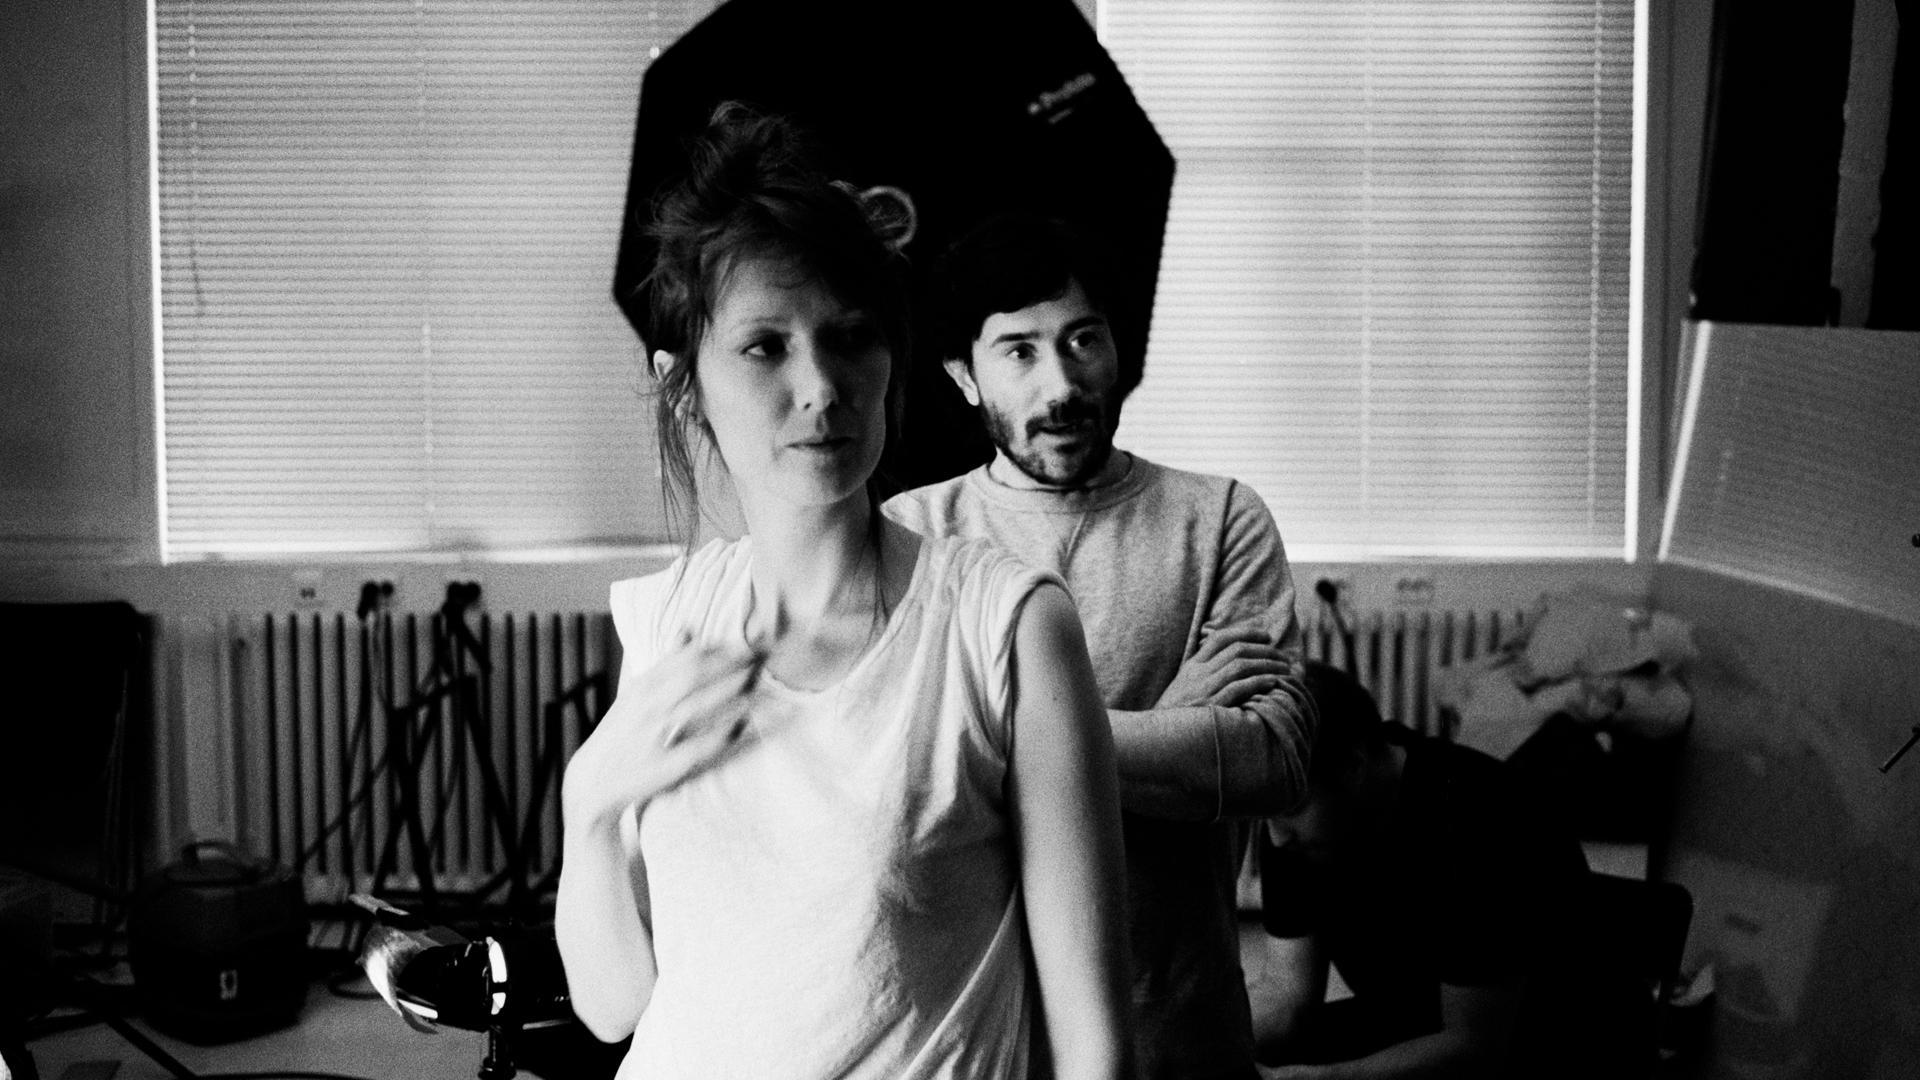 Pella Kågerman and Hugo Lilja, directors of 'Aniara.'